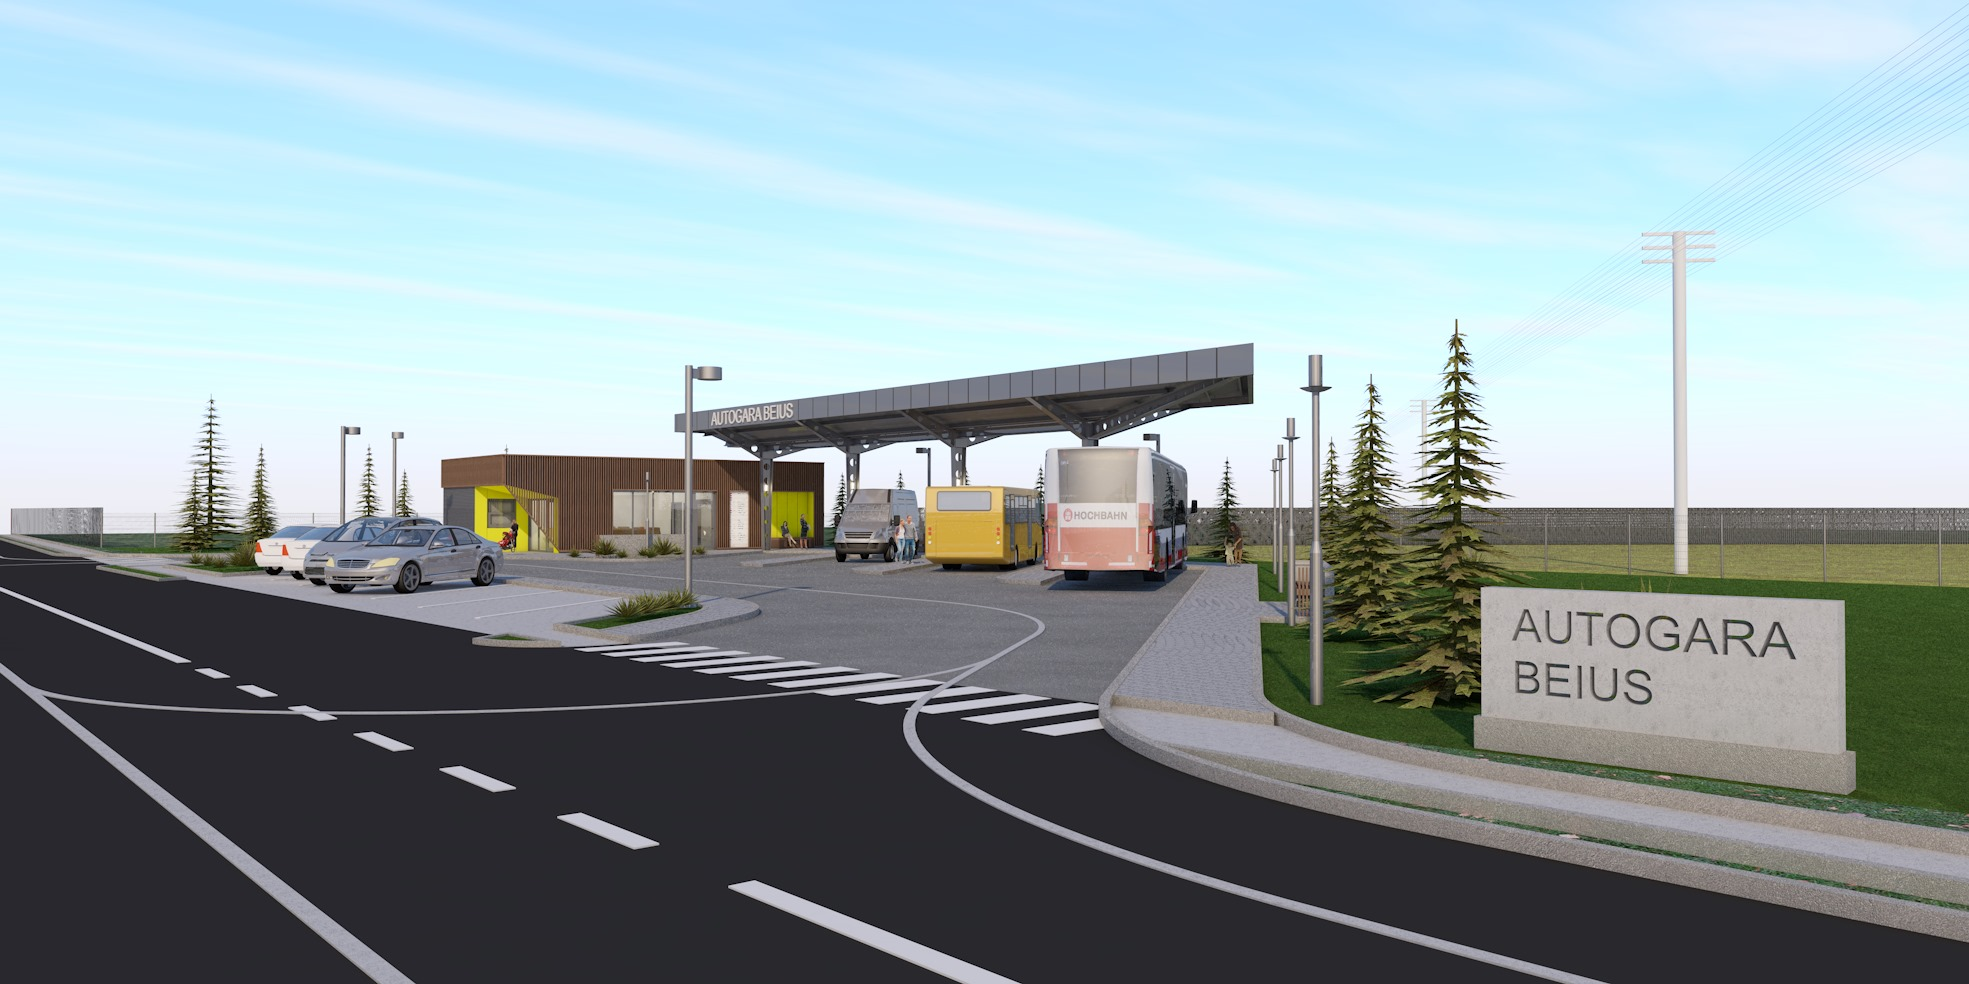 17 iunie, termenul de depunere a ofertelor pentru construcția autogărilor din Beiuș și Marghita